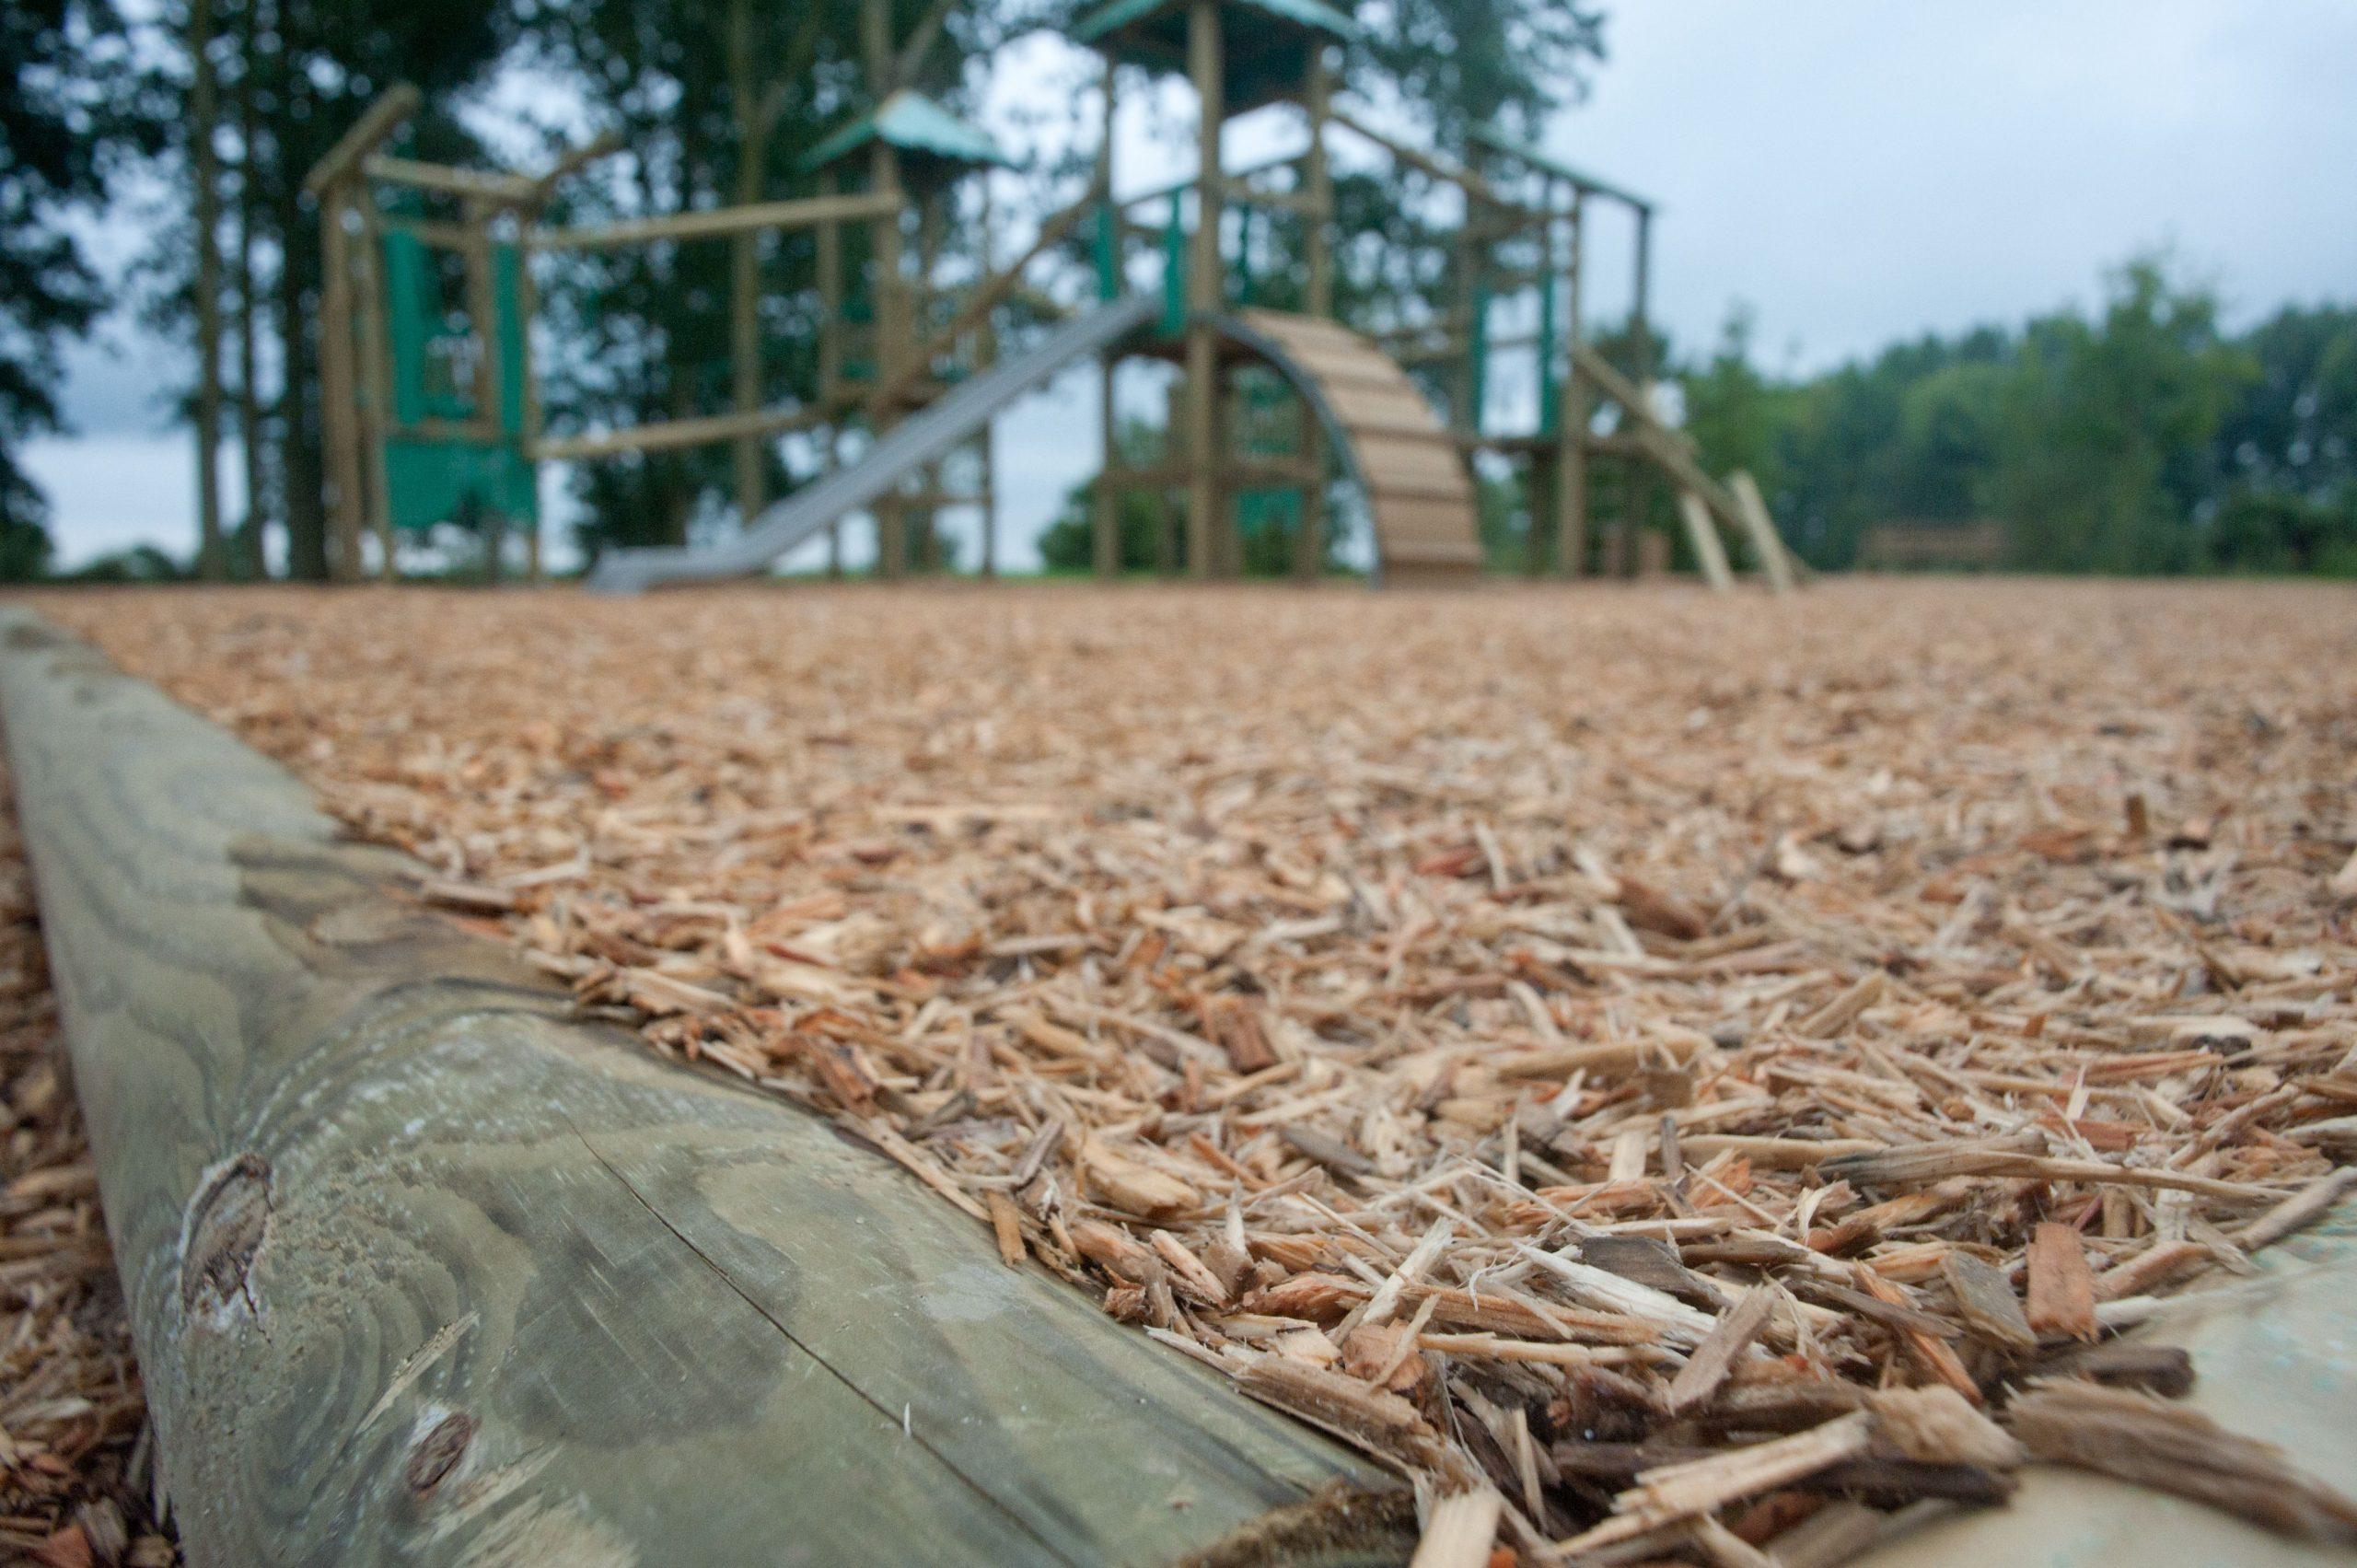 Le Mulsh Est Ni Plus Ni Moins Que Des Copeau De Bois. Une ... concernant Copeaux De Bois Pour Jardin